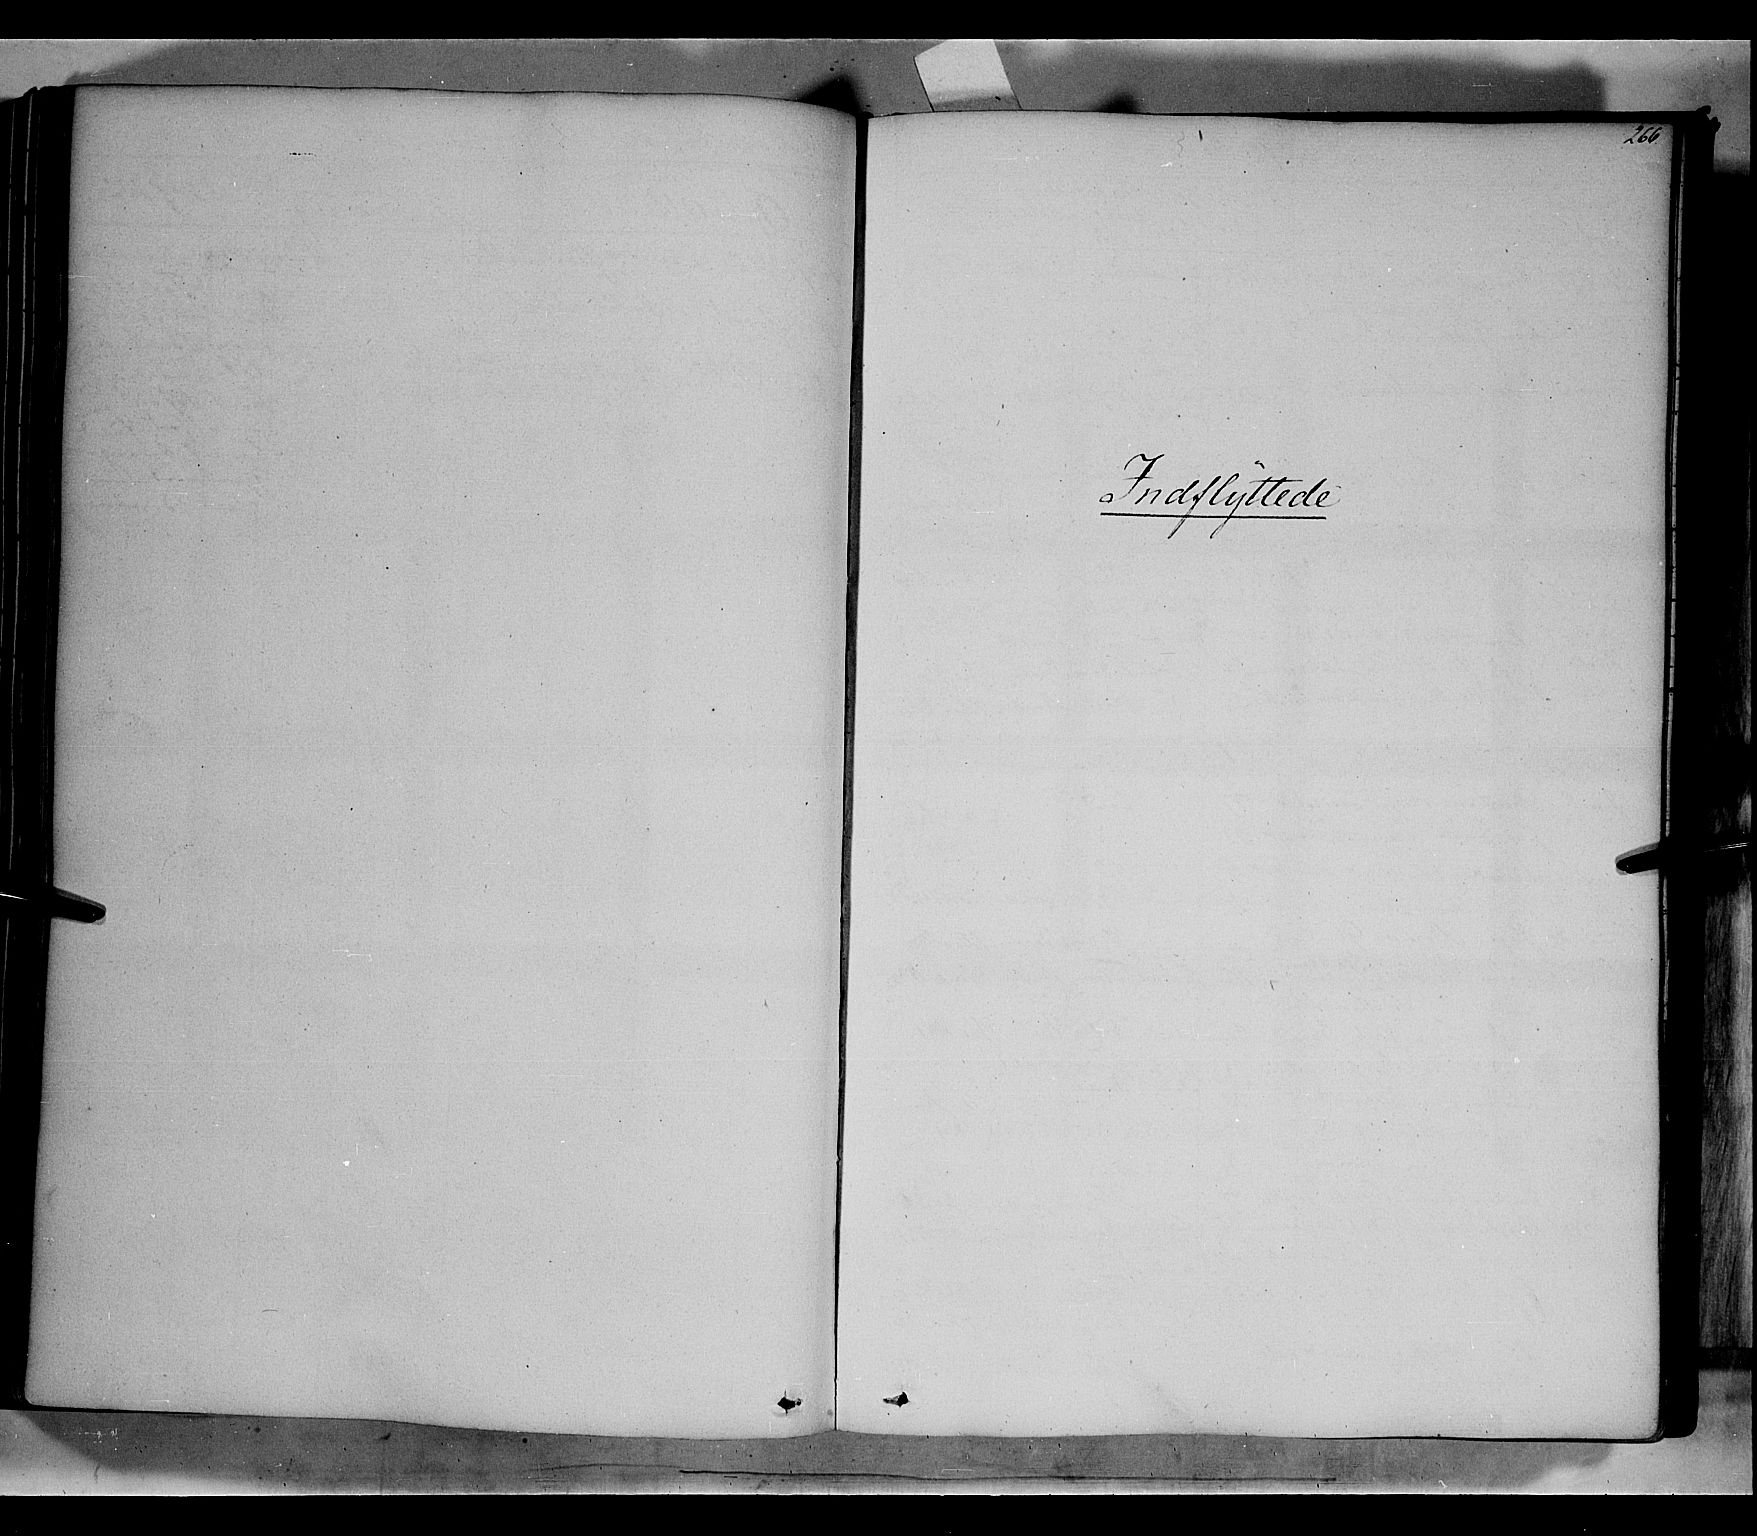 SAH, Gausdal prestekontor, Parish register (official) no. 7, 1840-1850, p. 266